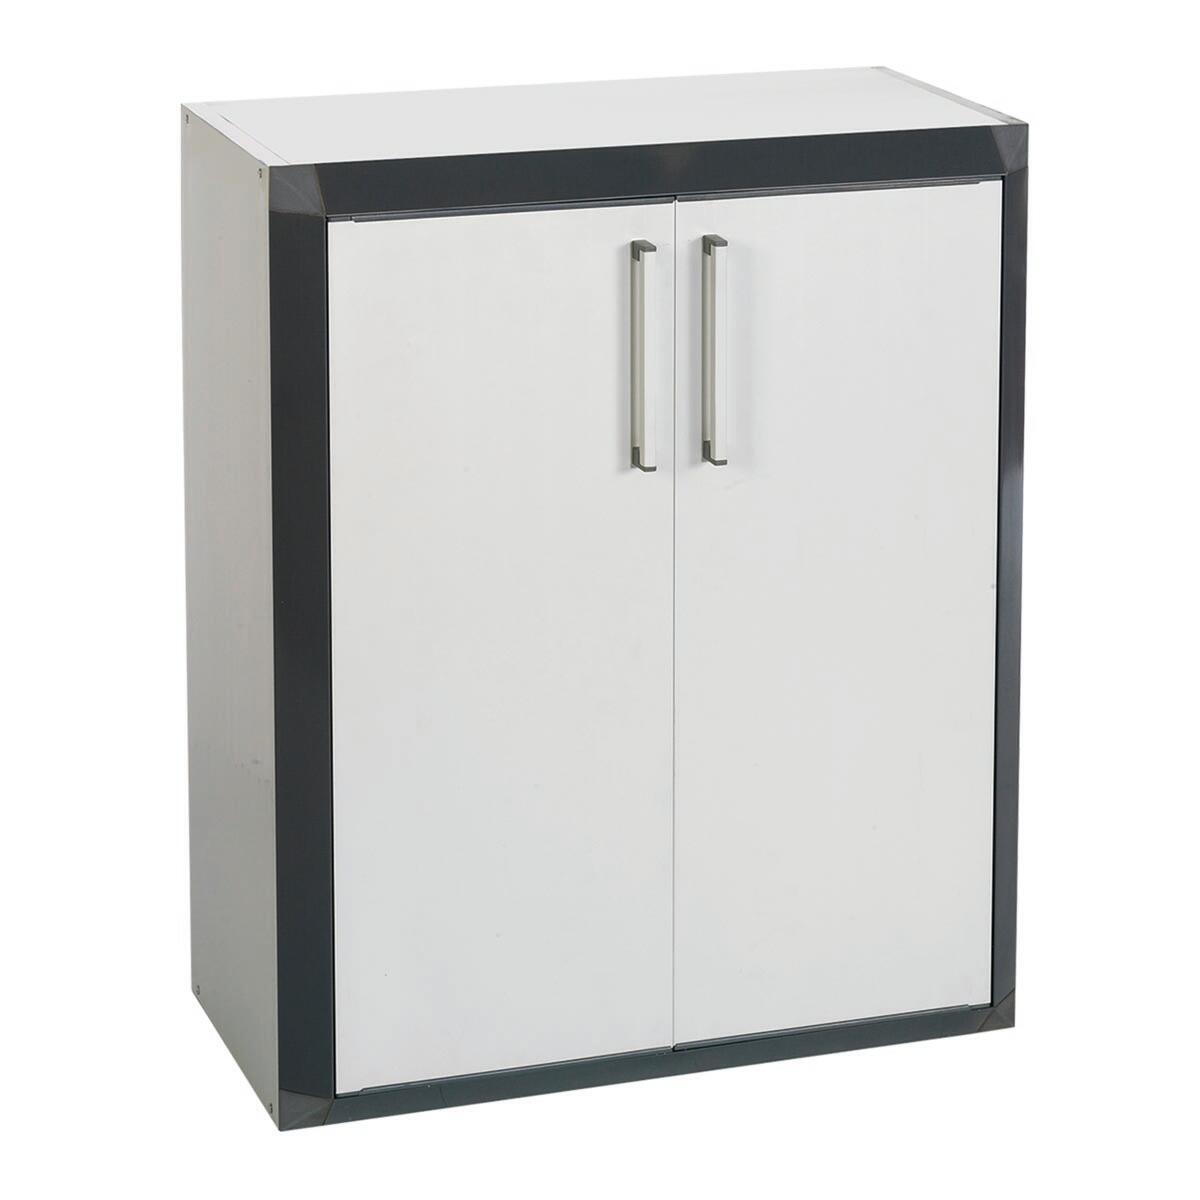 Armadietto basso Thetris Eco L 70.5 x P 40 x H 84.5 cm grigio chiaro e grigio antracite - 1